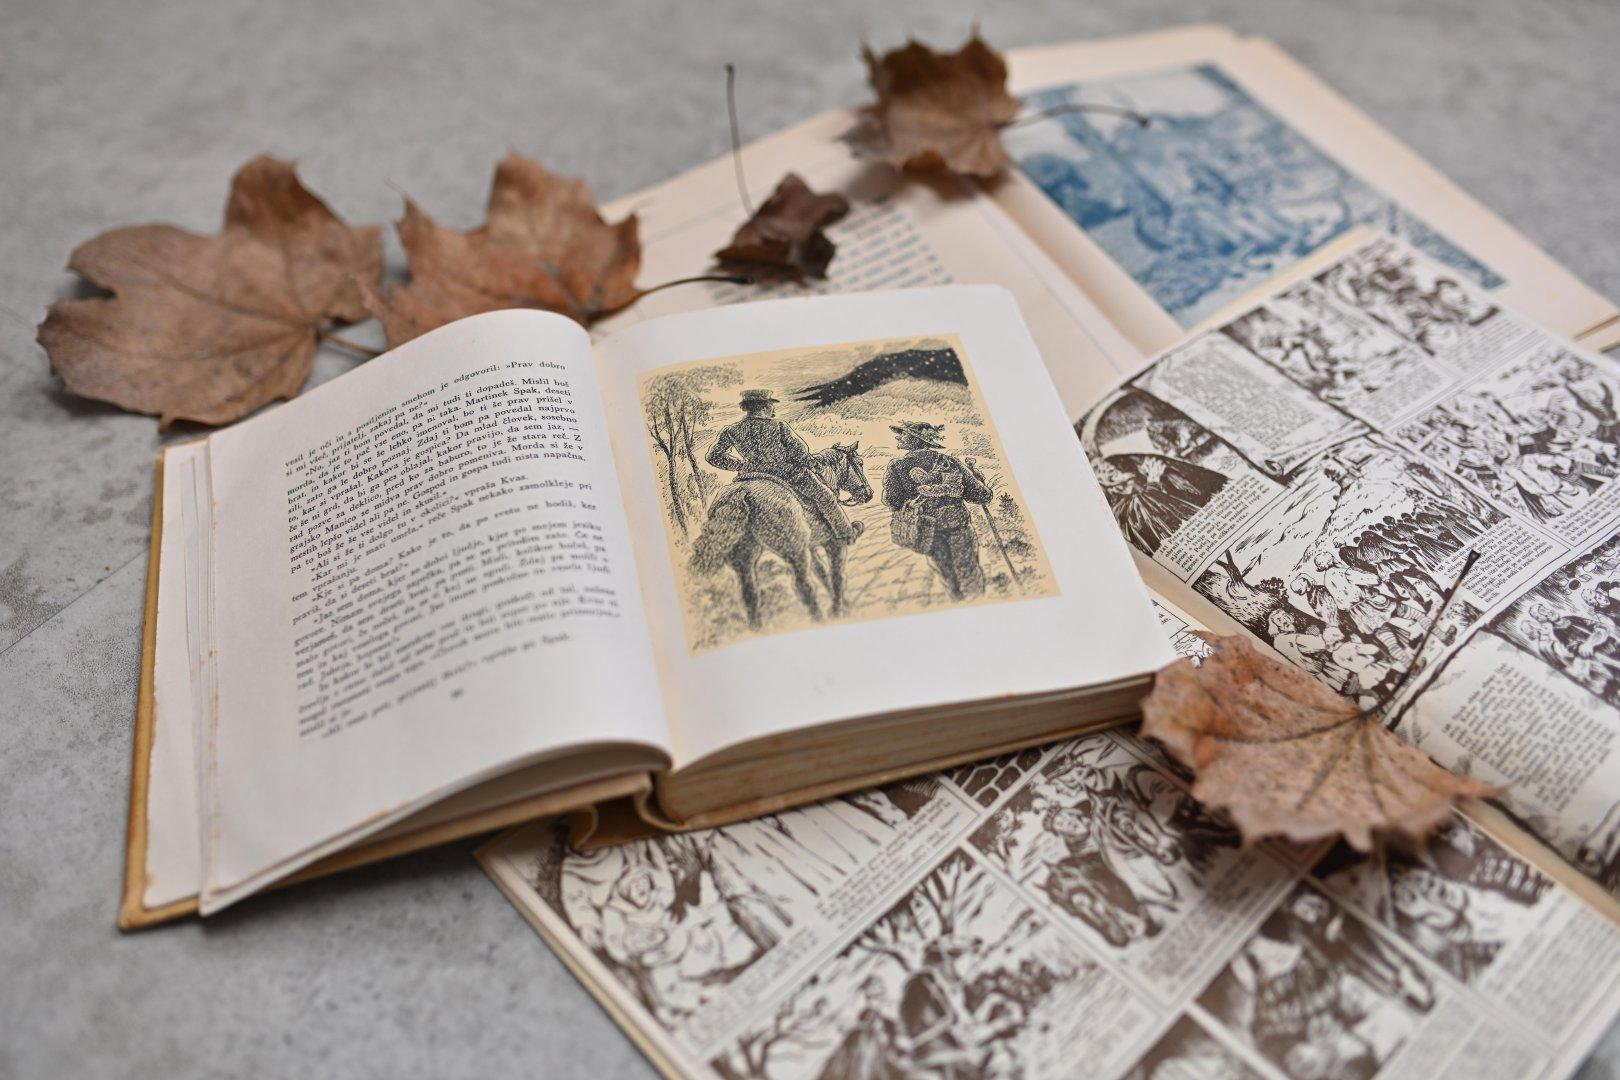 Prvi slovenski roman, Deseti brat